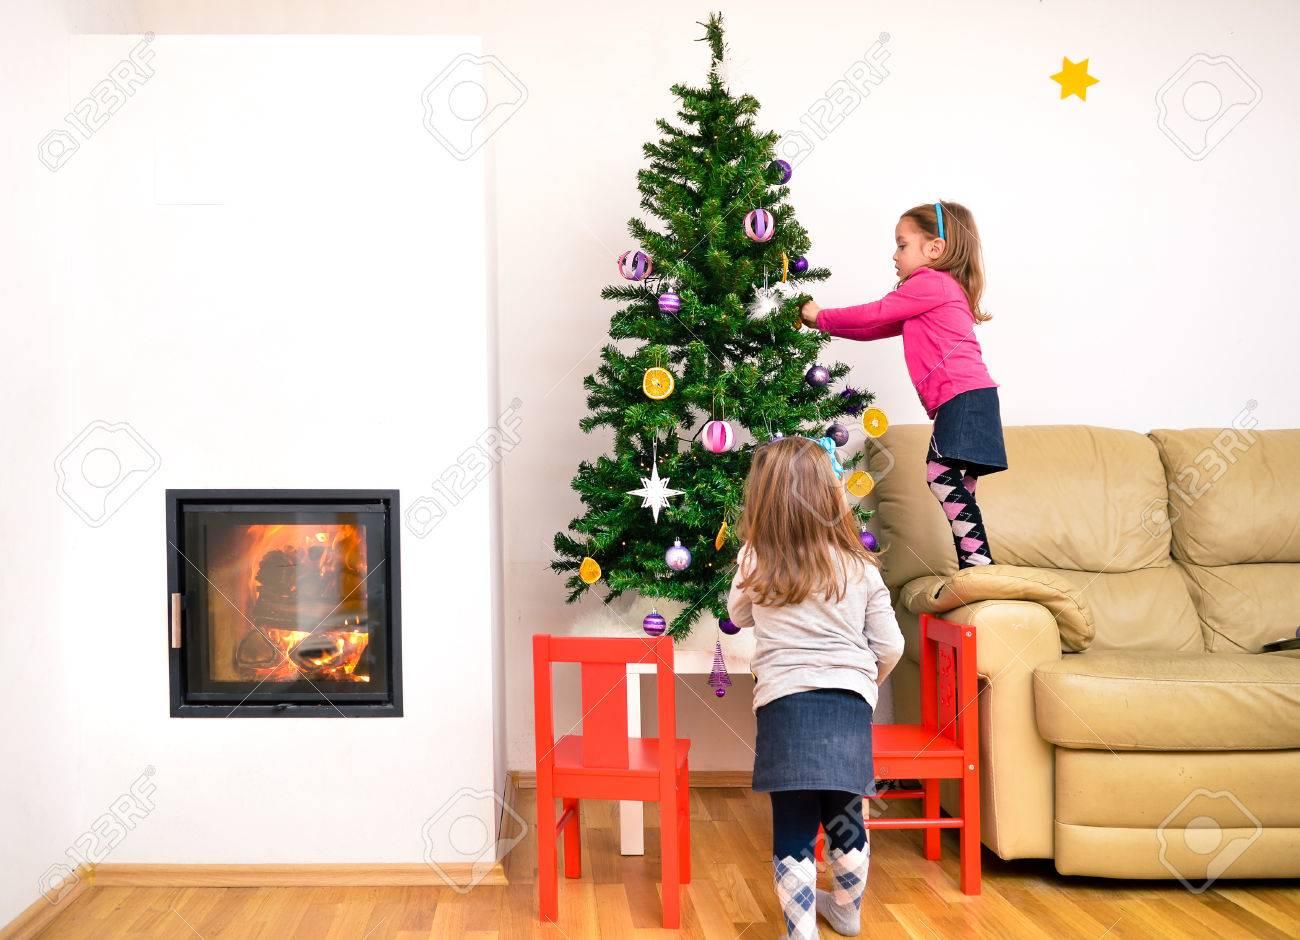 Kinder Und Weihnachtsbaum In Der Modernen Luxus Wohnung Mit Kamin. Twin  Mädchen Schmücken Weihnachtsbaum